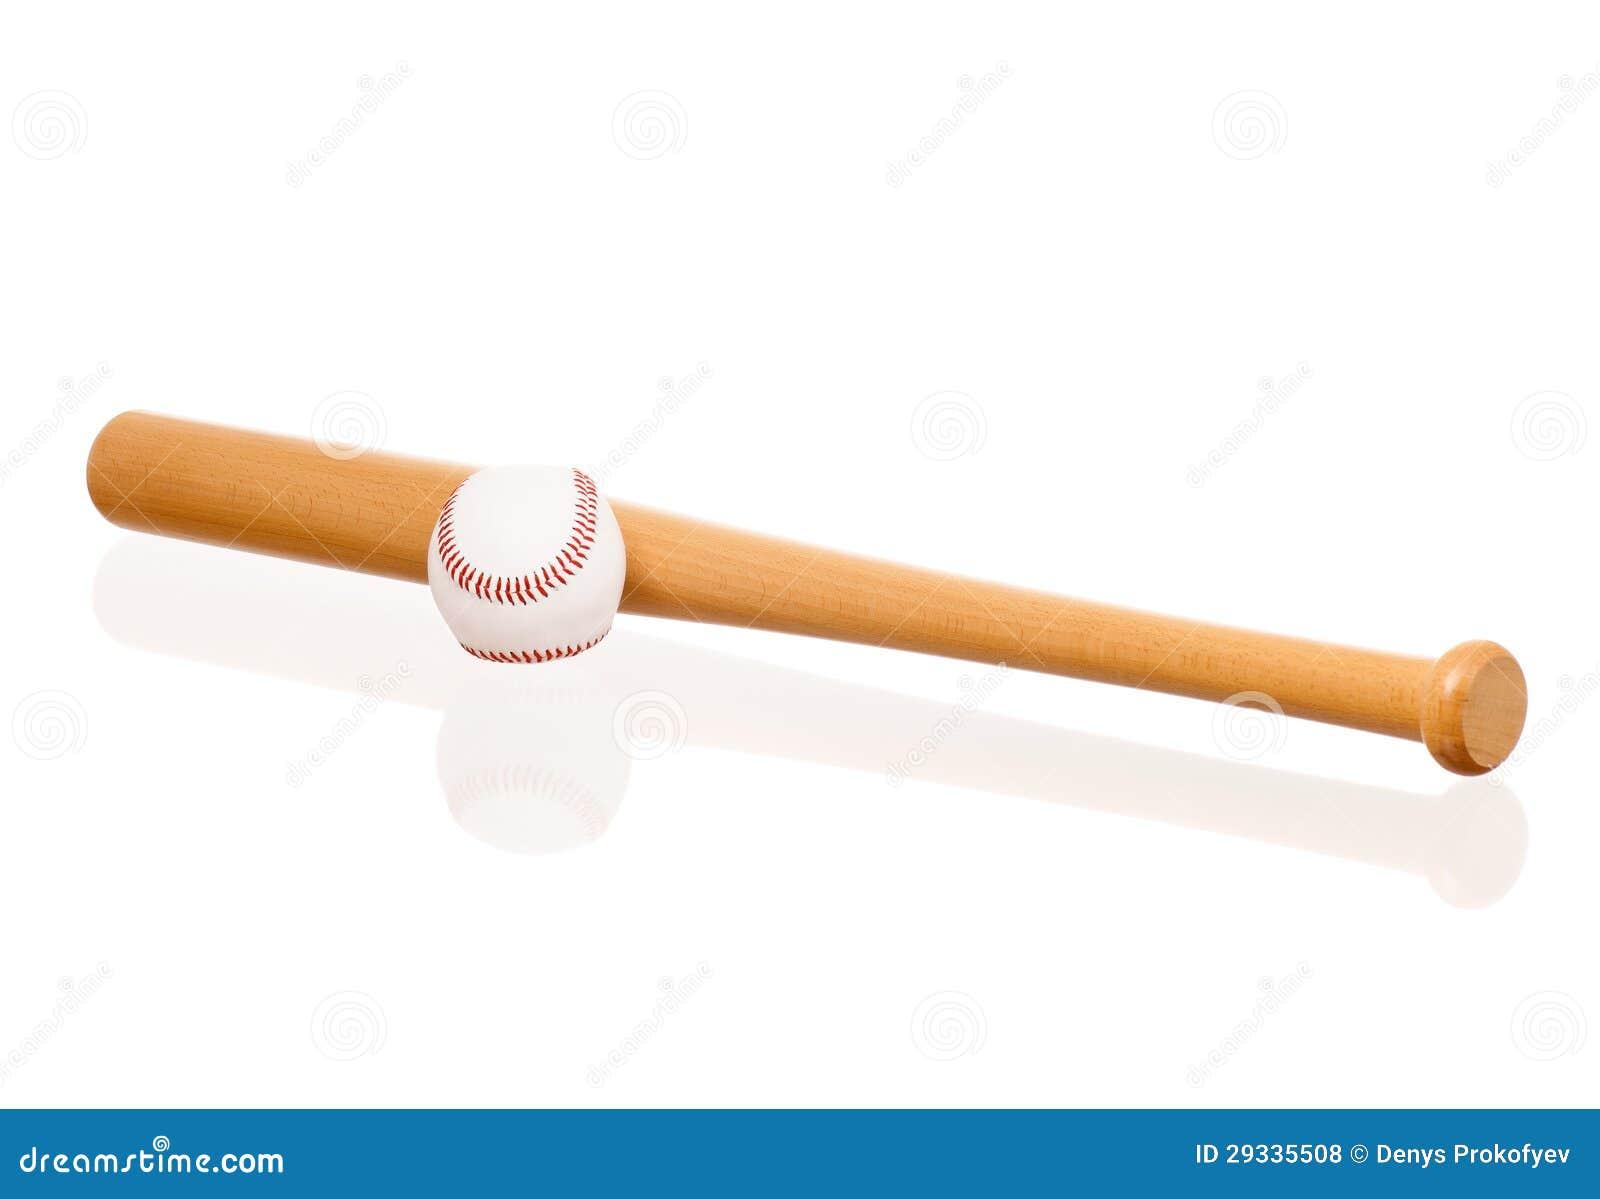 baseball bat and ball royalty free stock photos image 29335508